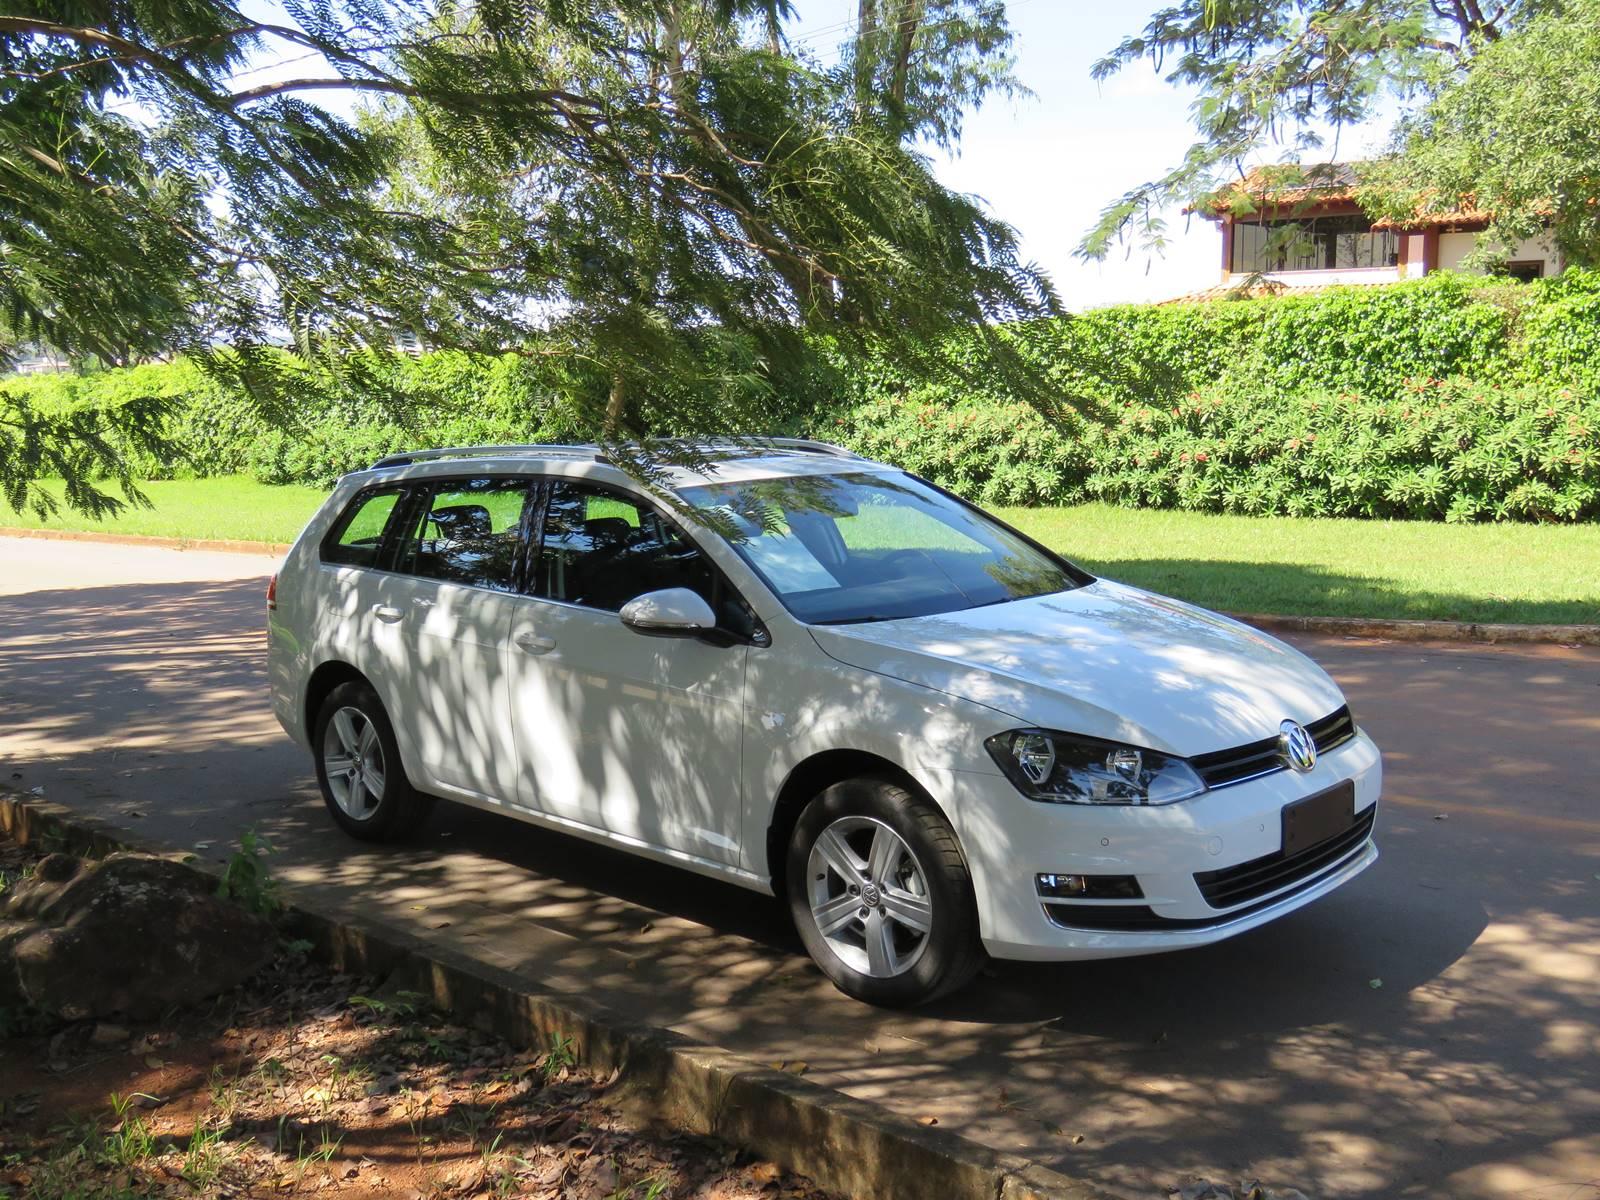 VW Golf: transmissão DSG reprovada em teste de longa duração